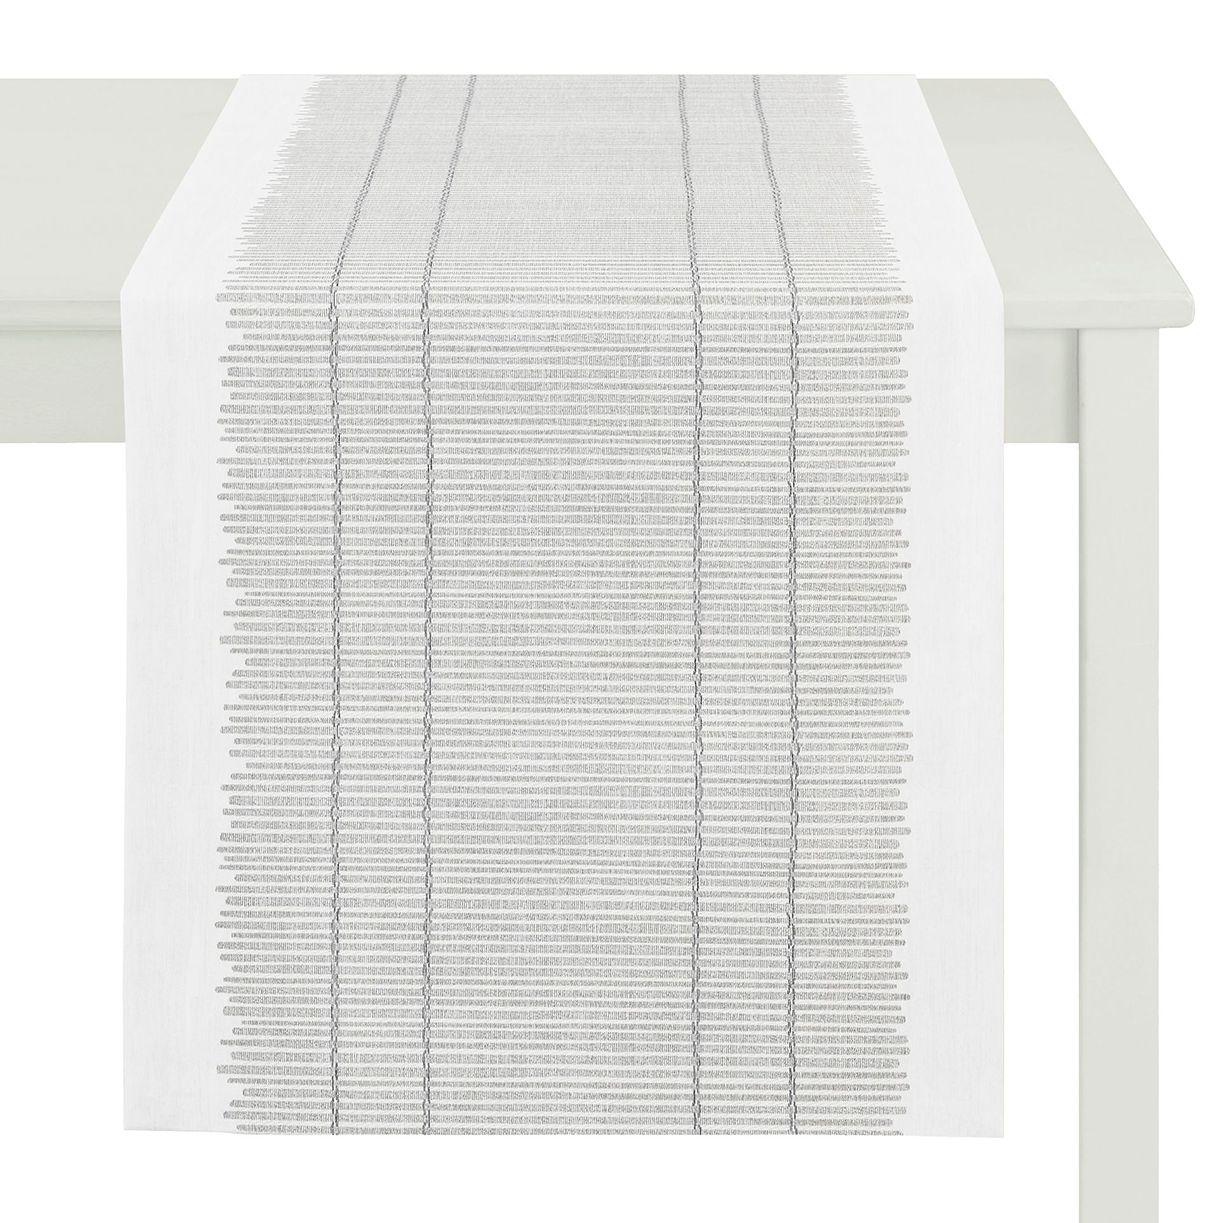 Apelt Tischl Ufer Deda Weiss Webstoff Modern 48x140 Cm Bxt In 2021 Moderne Tischdecken Tischlaufer Modern Tischlaufer Grun